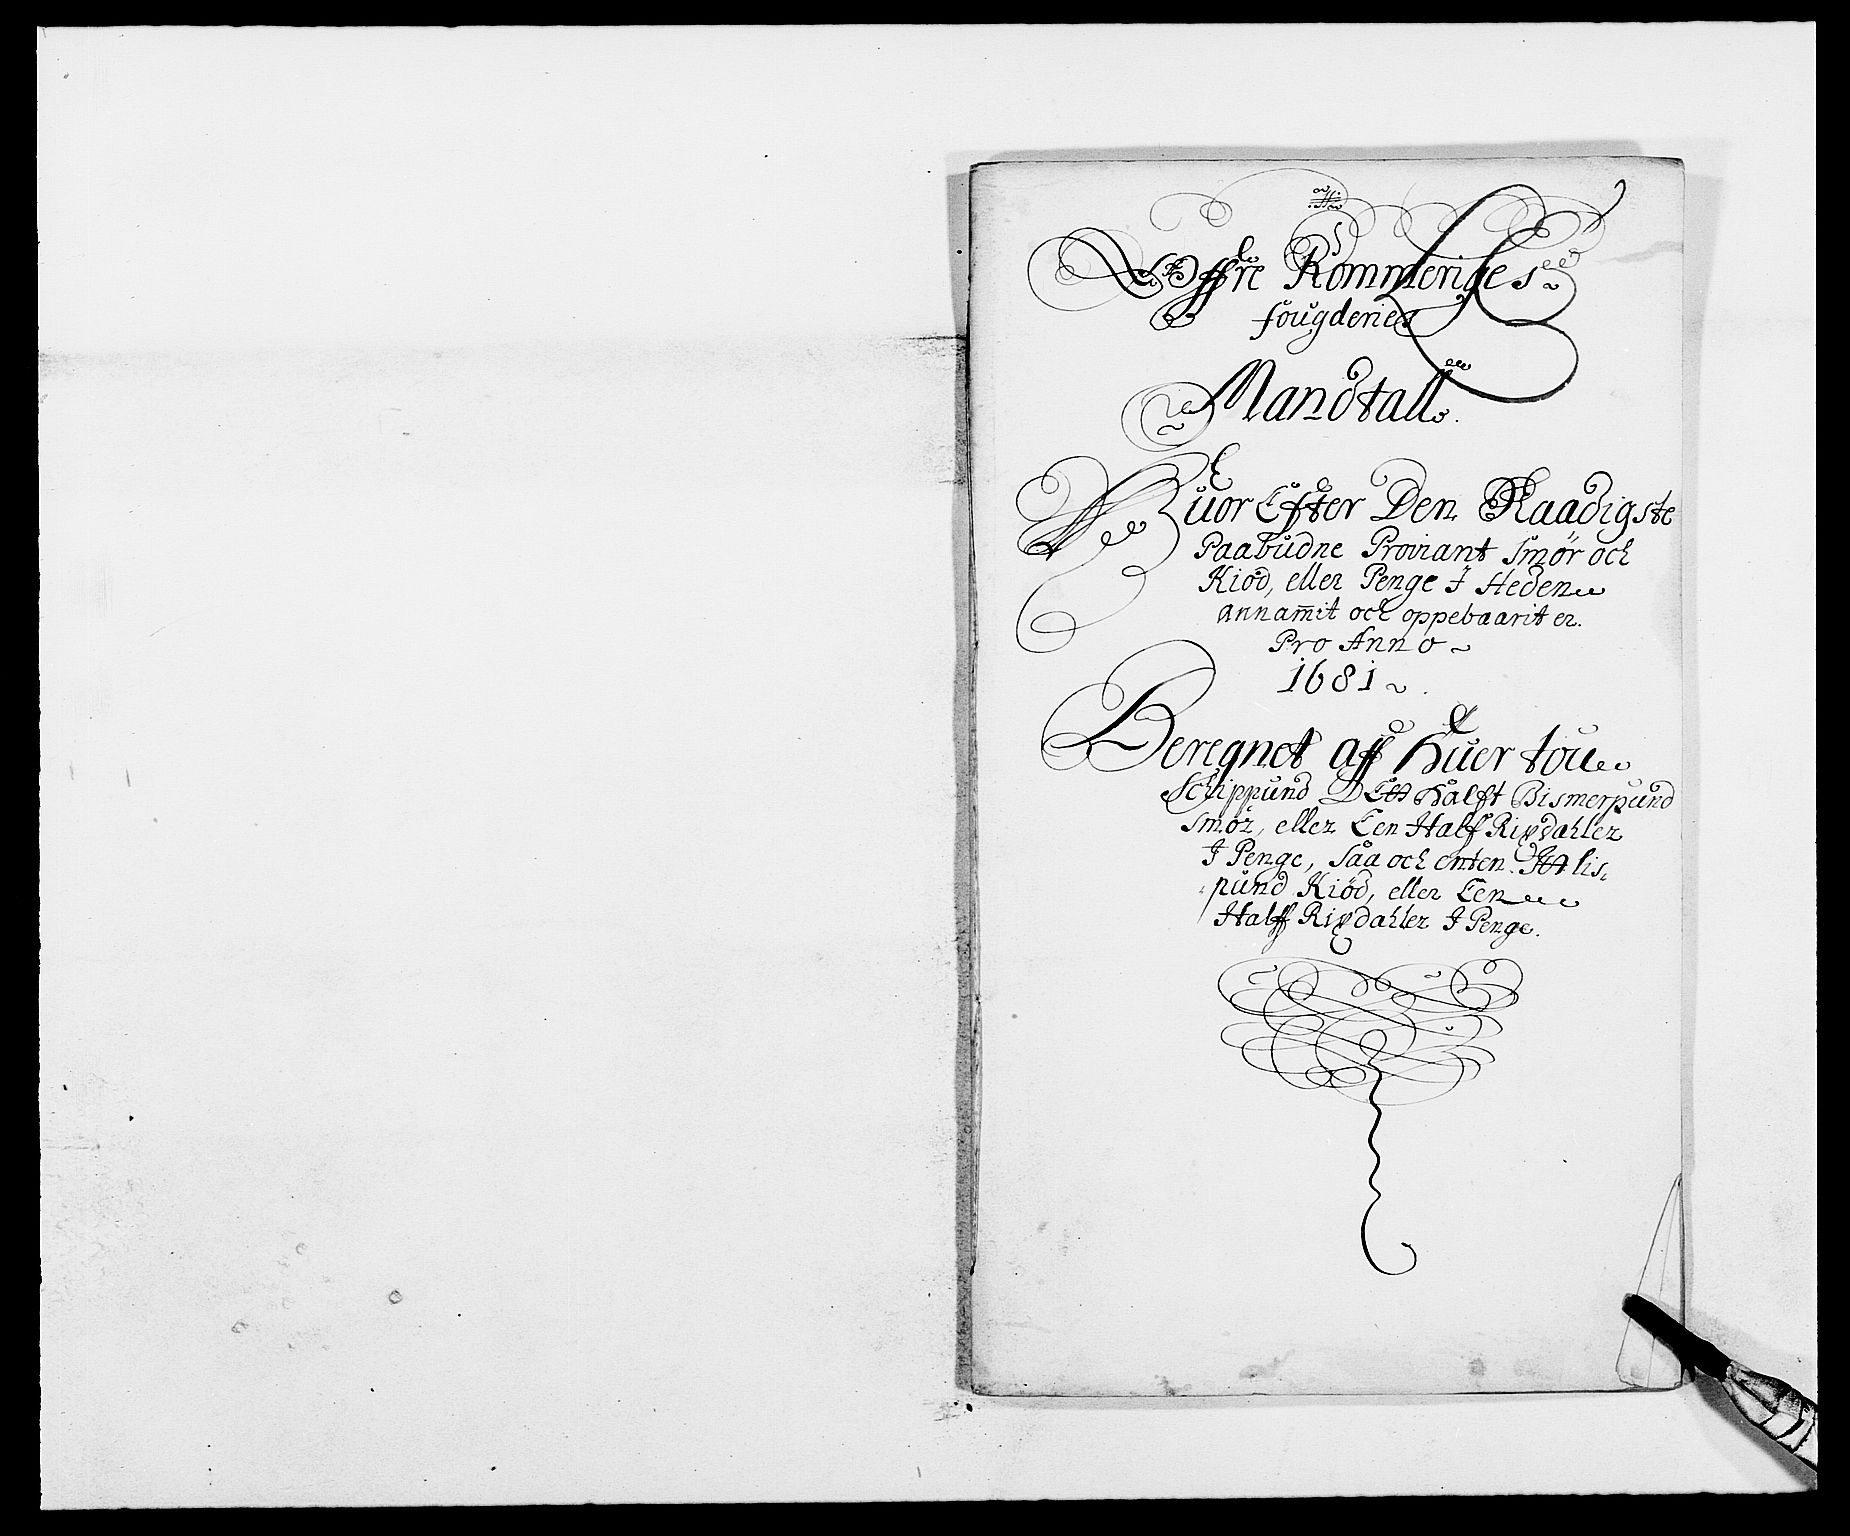 RA, Rentekammeret inntil 1814, Reviderte regnskaper, Fogderegnskap, R12/L0696: Fogderegnskap Øvre Romerike, 1681, s. 165